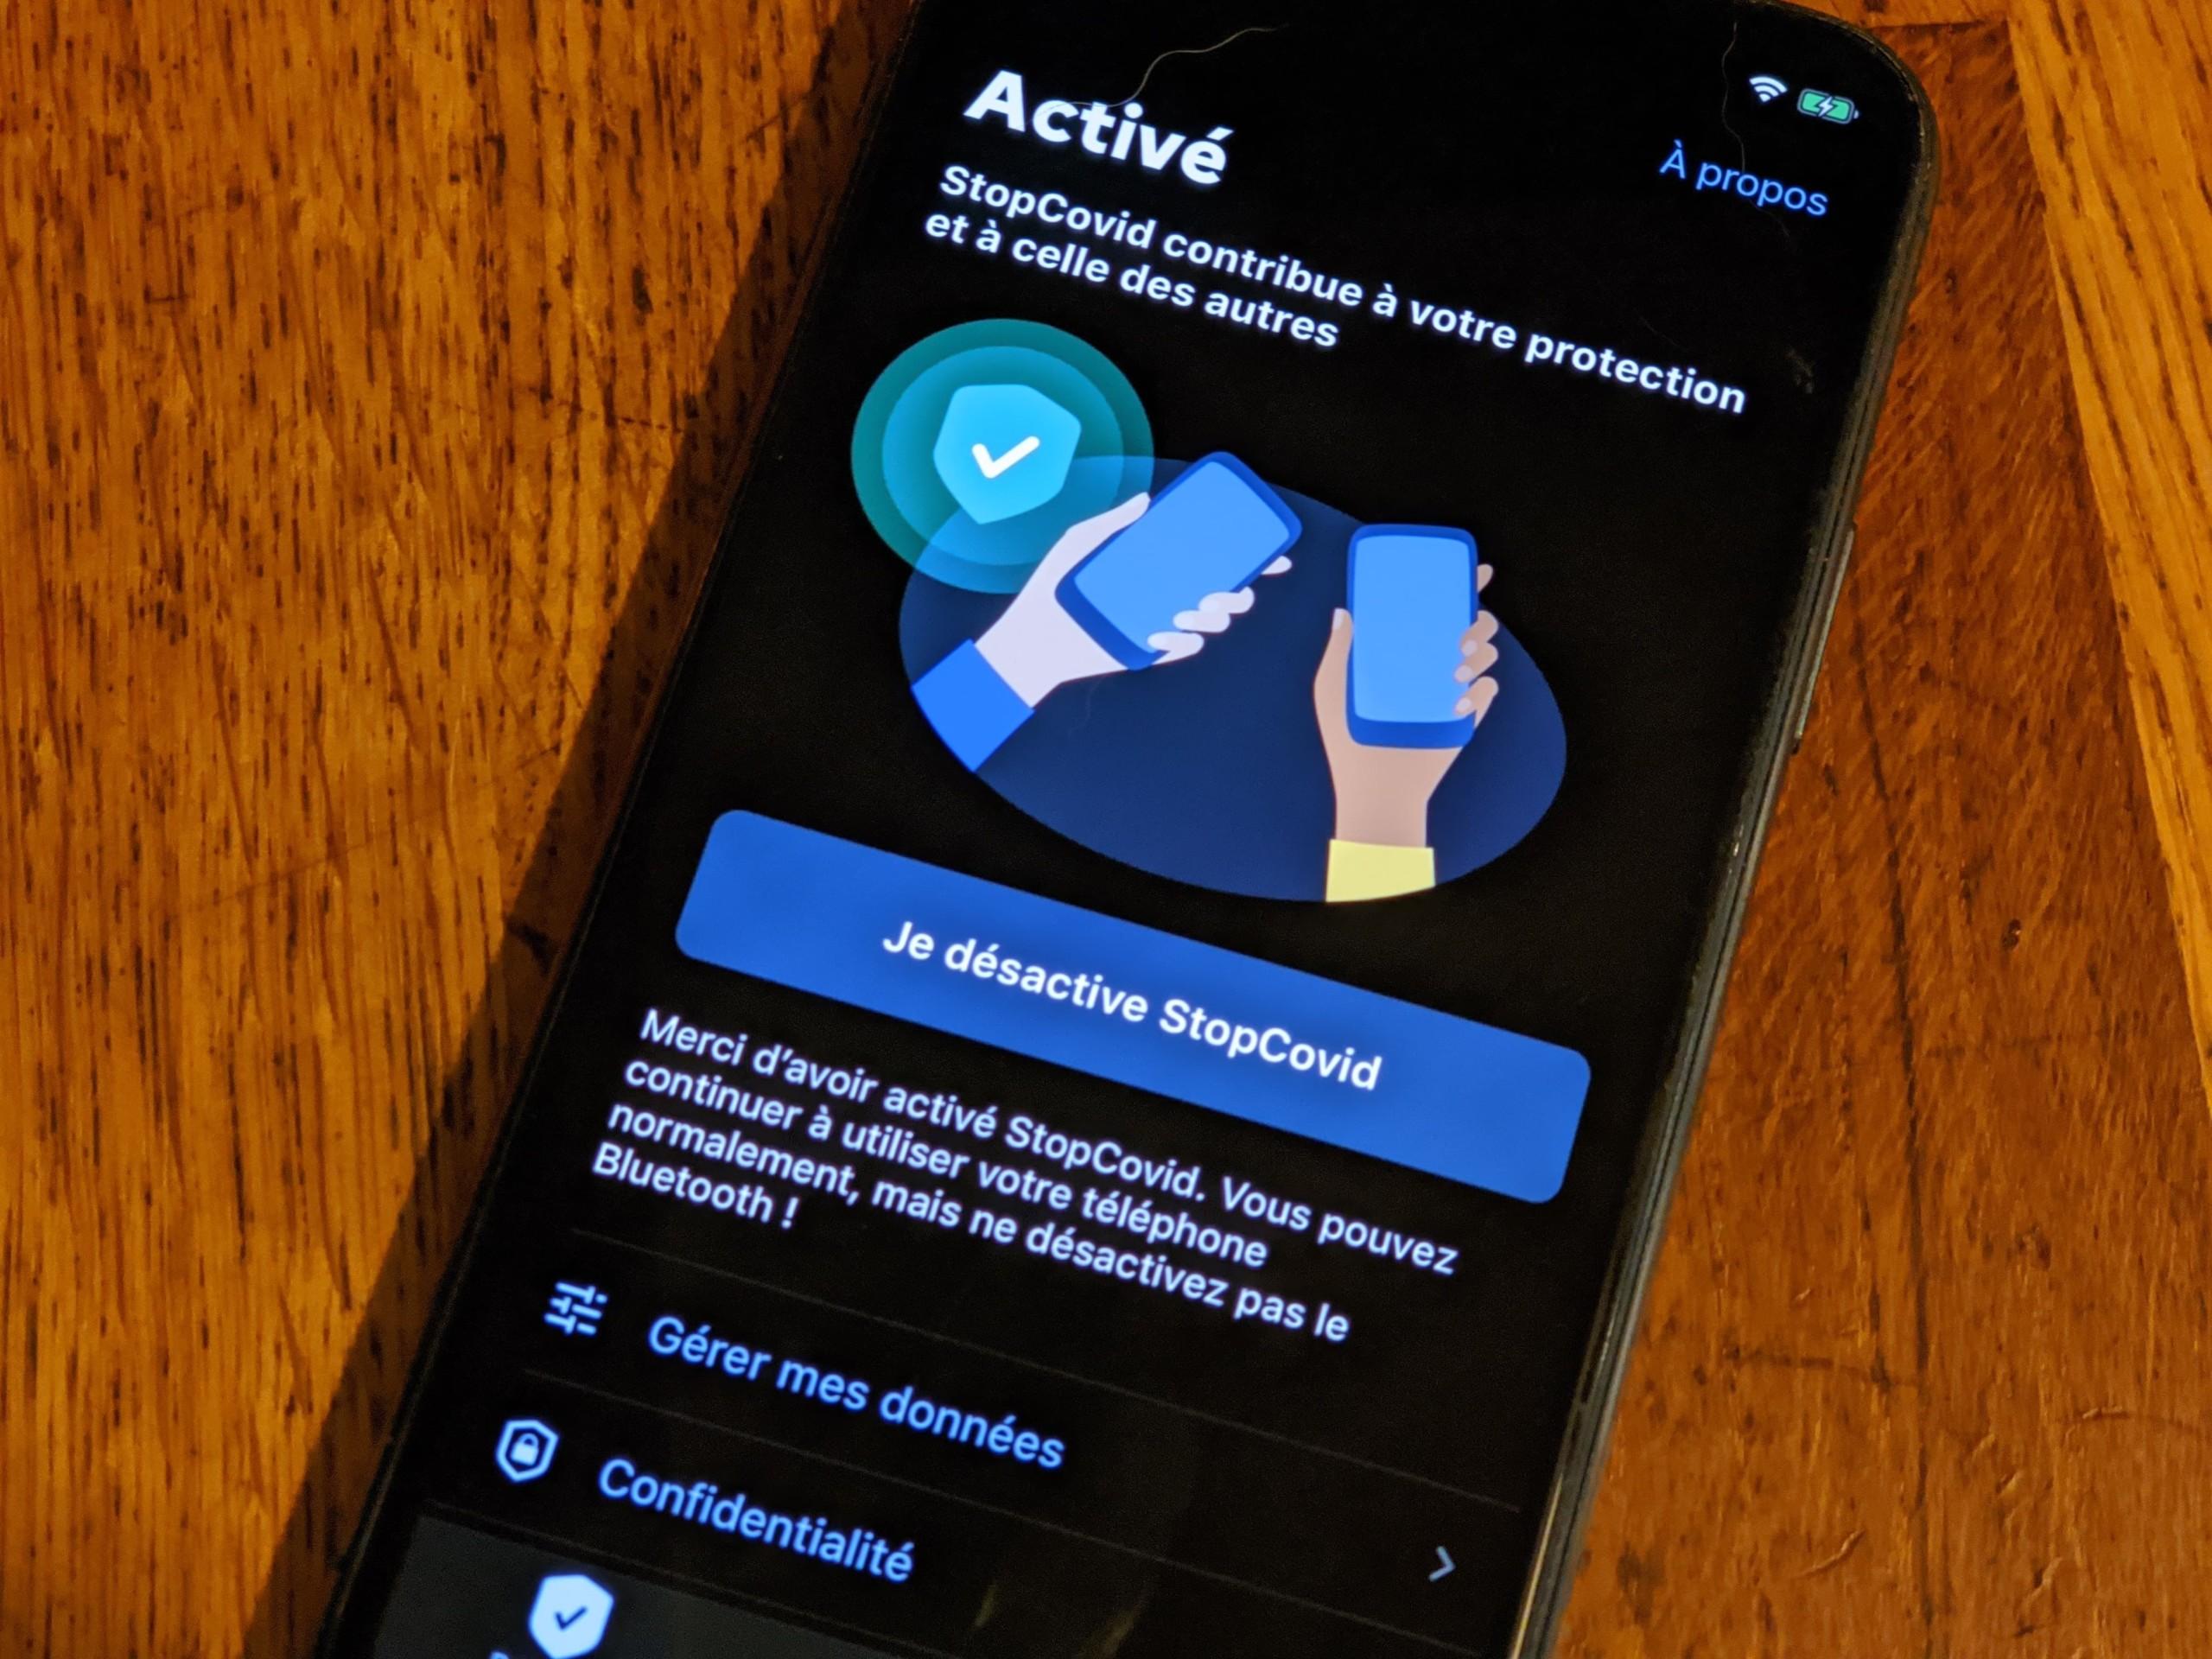 Bêta d'Android 11, une vision nocturne chez Samsung et StopCovid – Tech'spresso